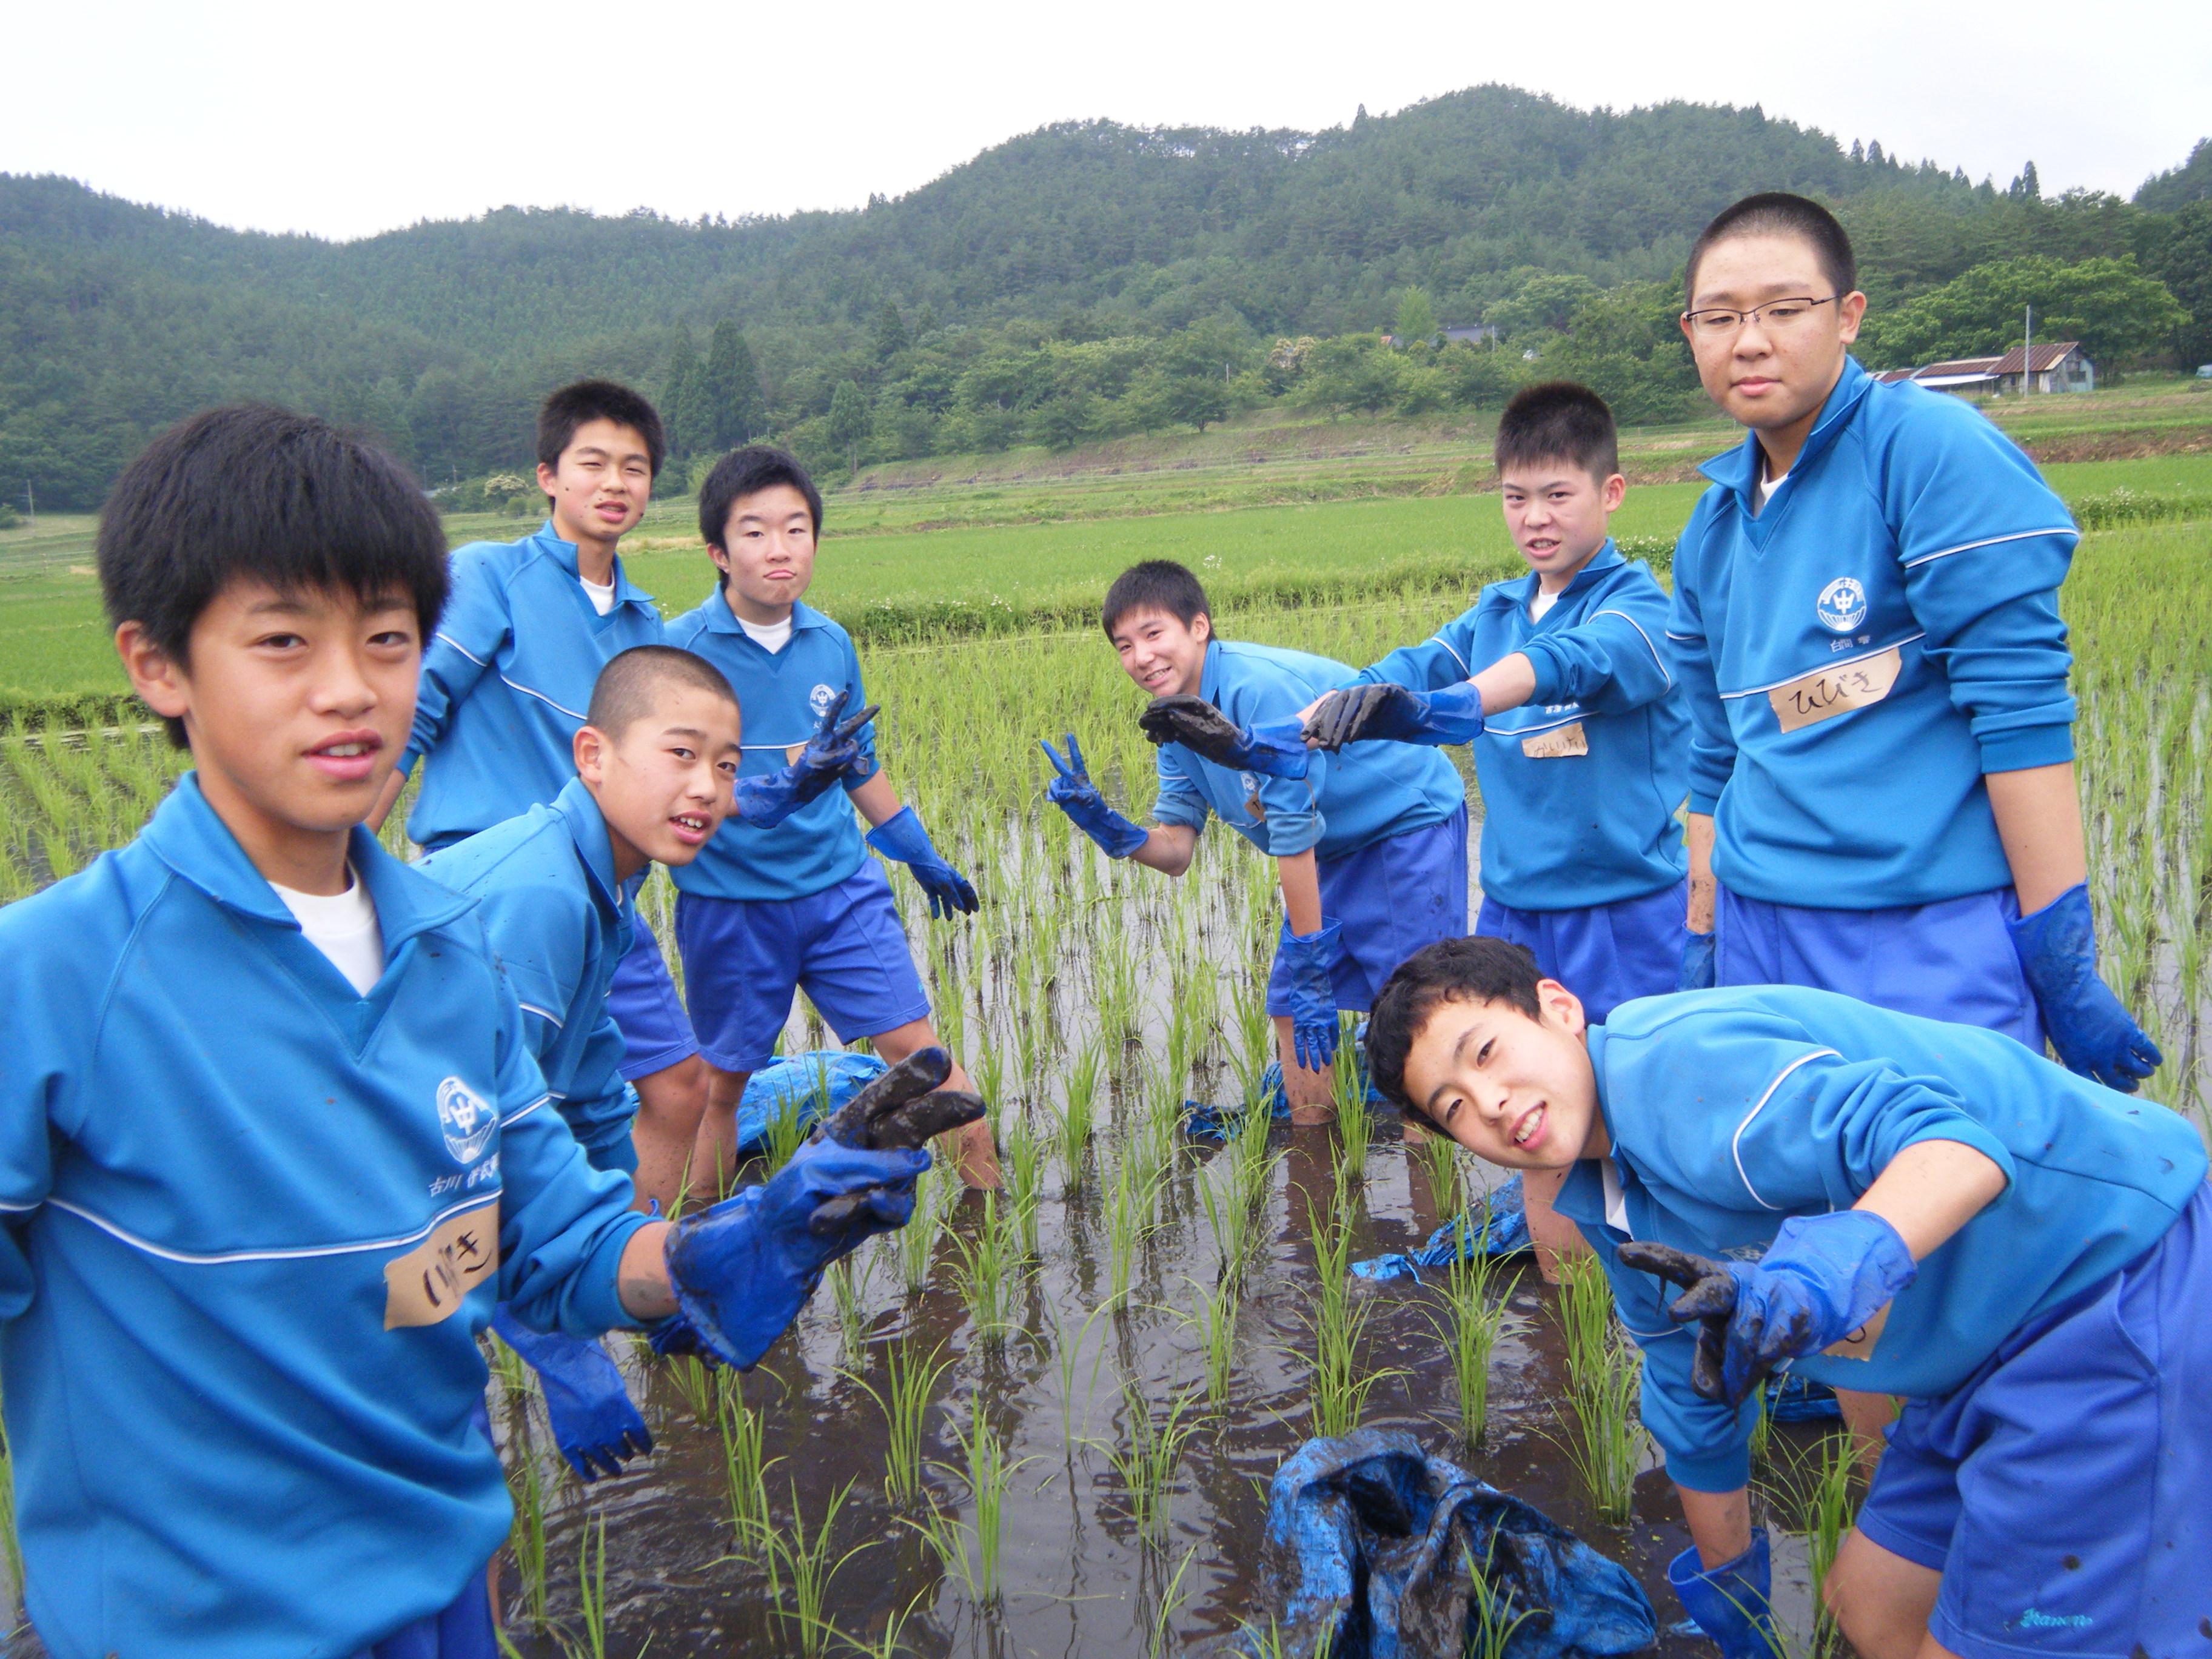 農作業体験に来てくれた、県内の中学生